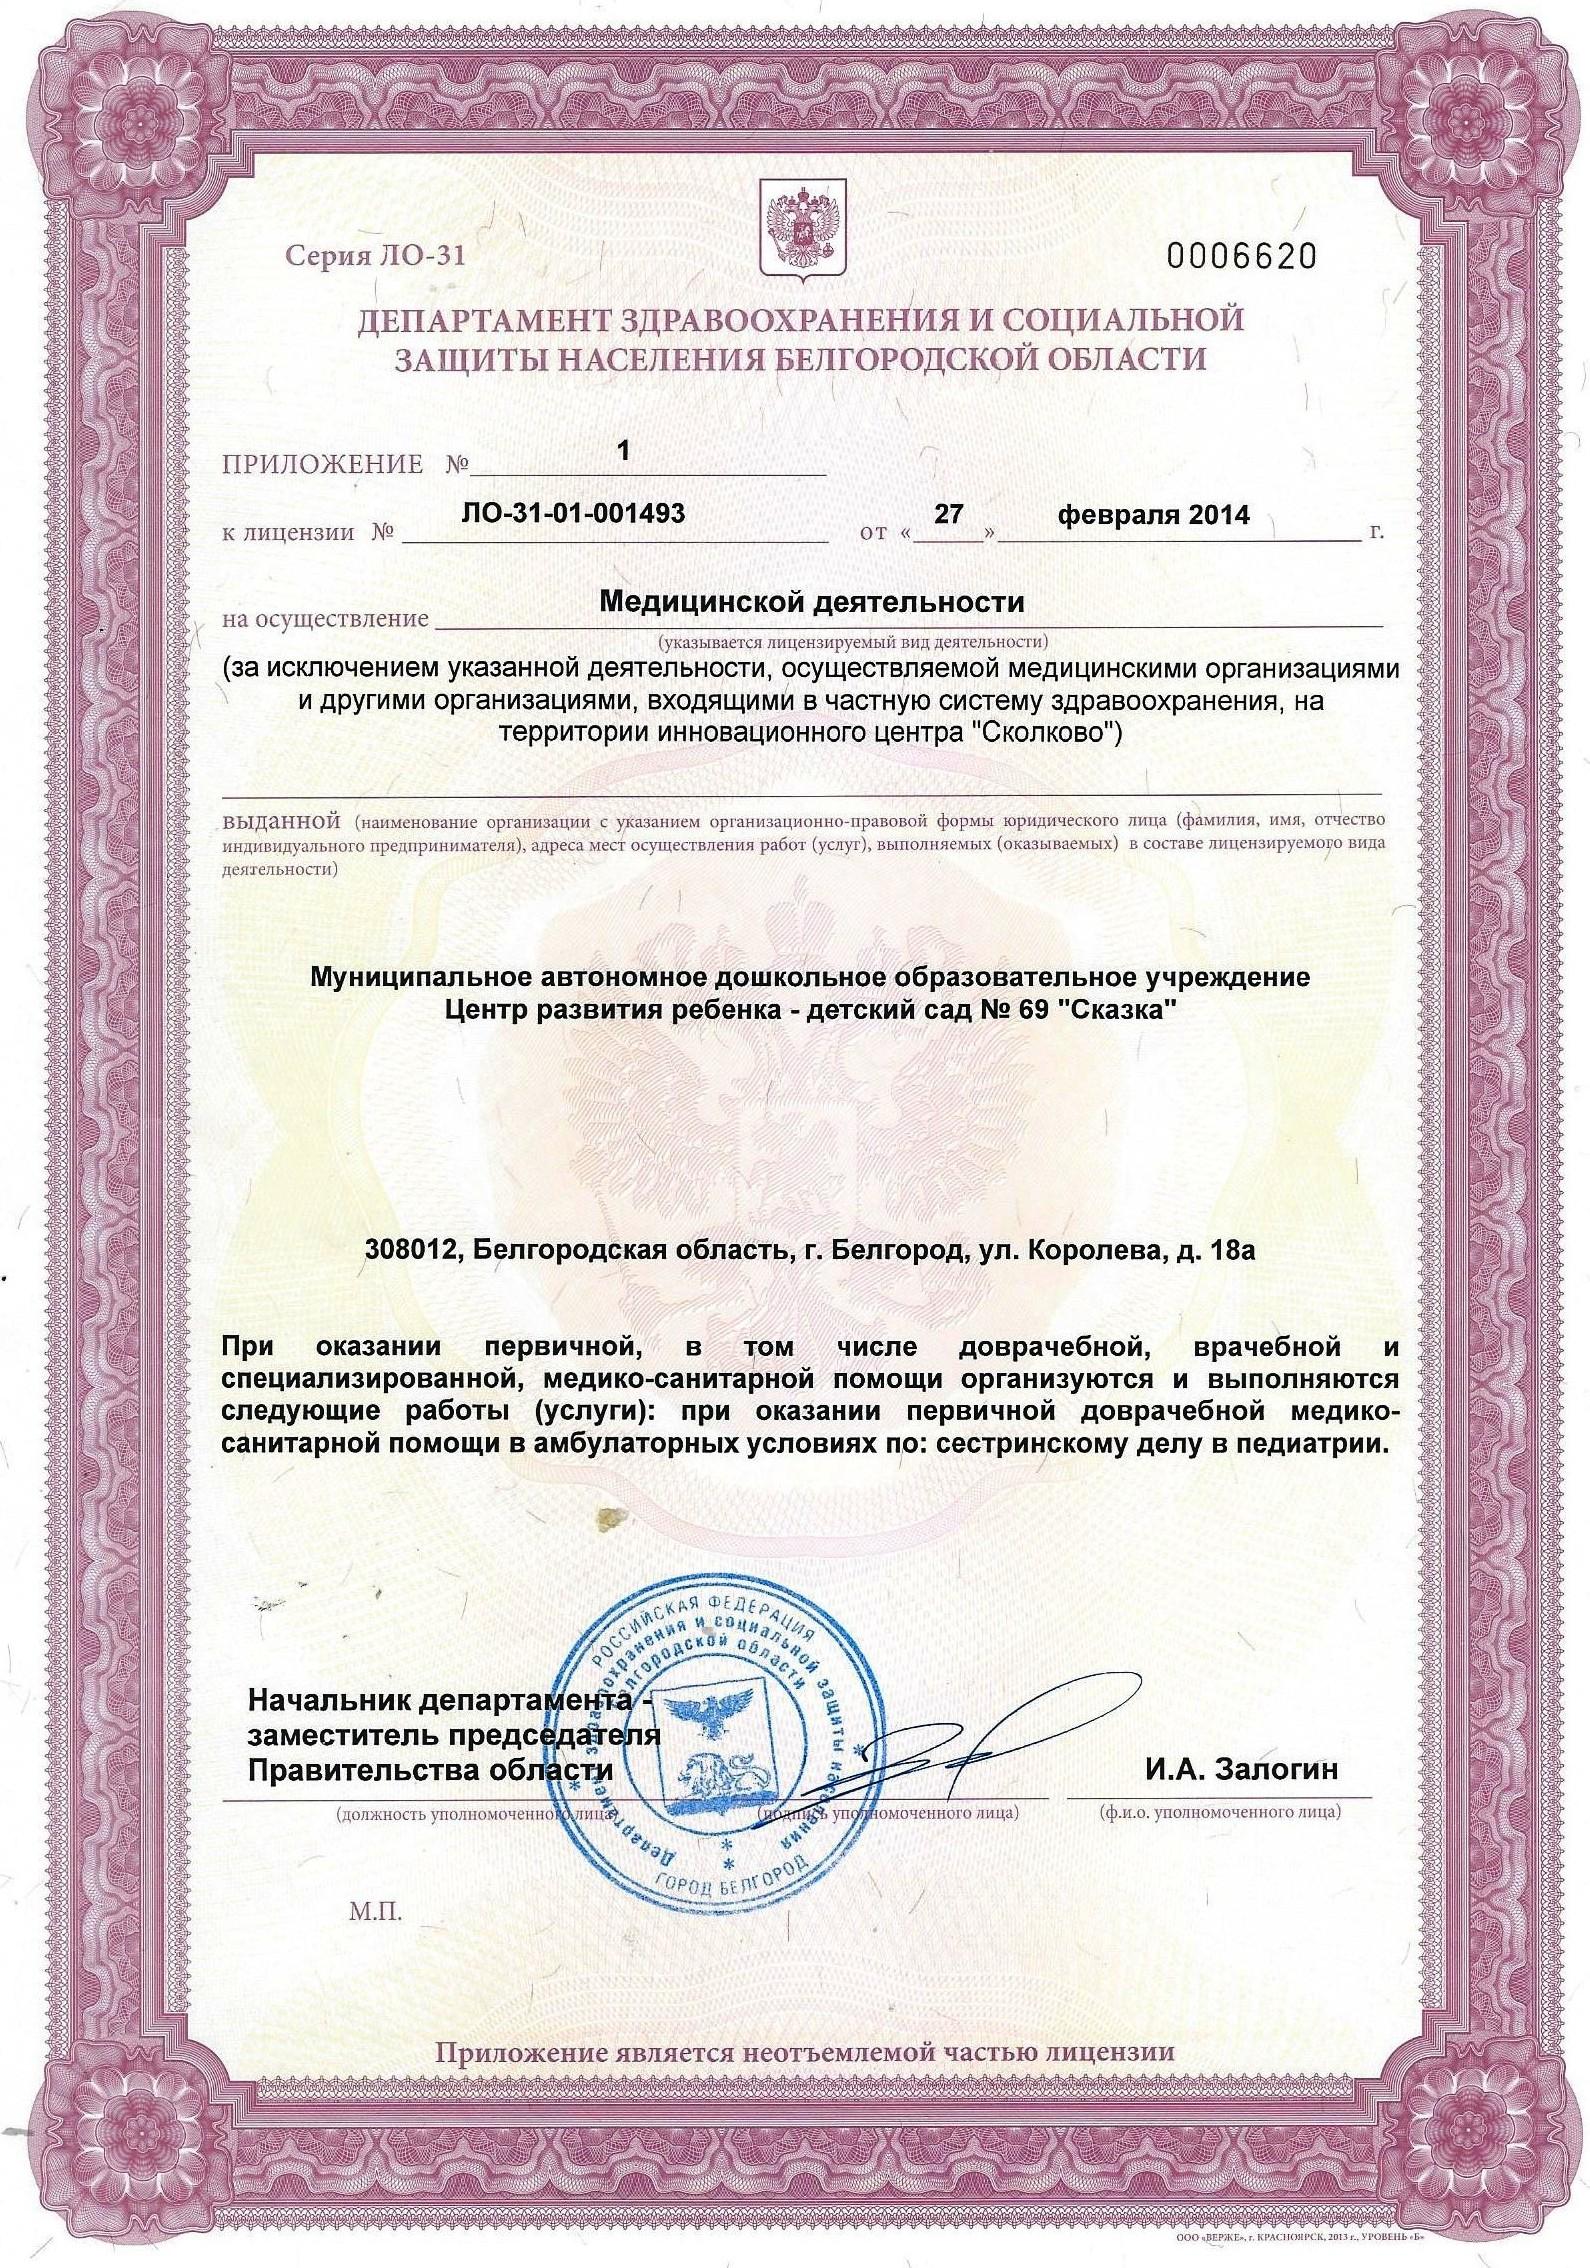 Приложение к лицензии на медицинскую деятельность